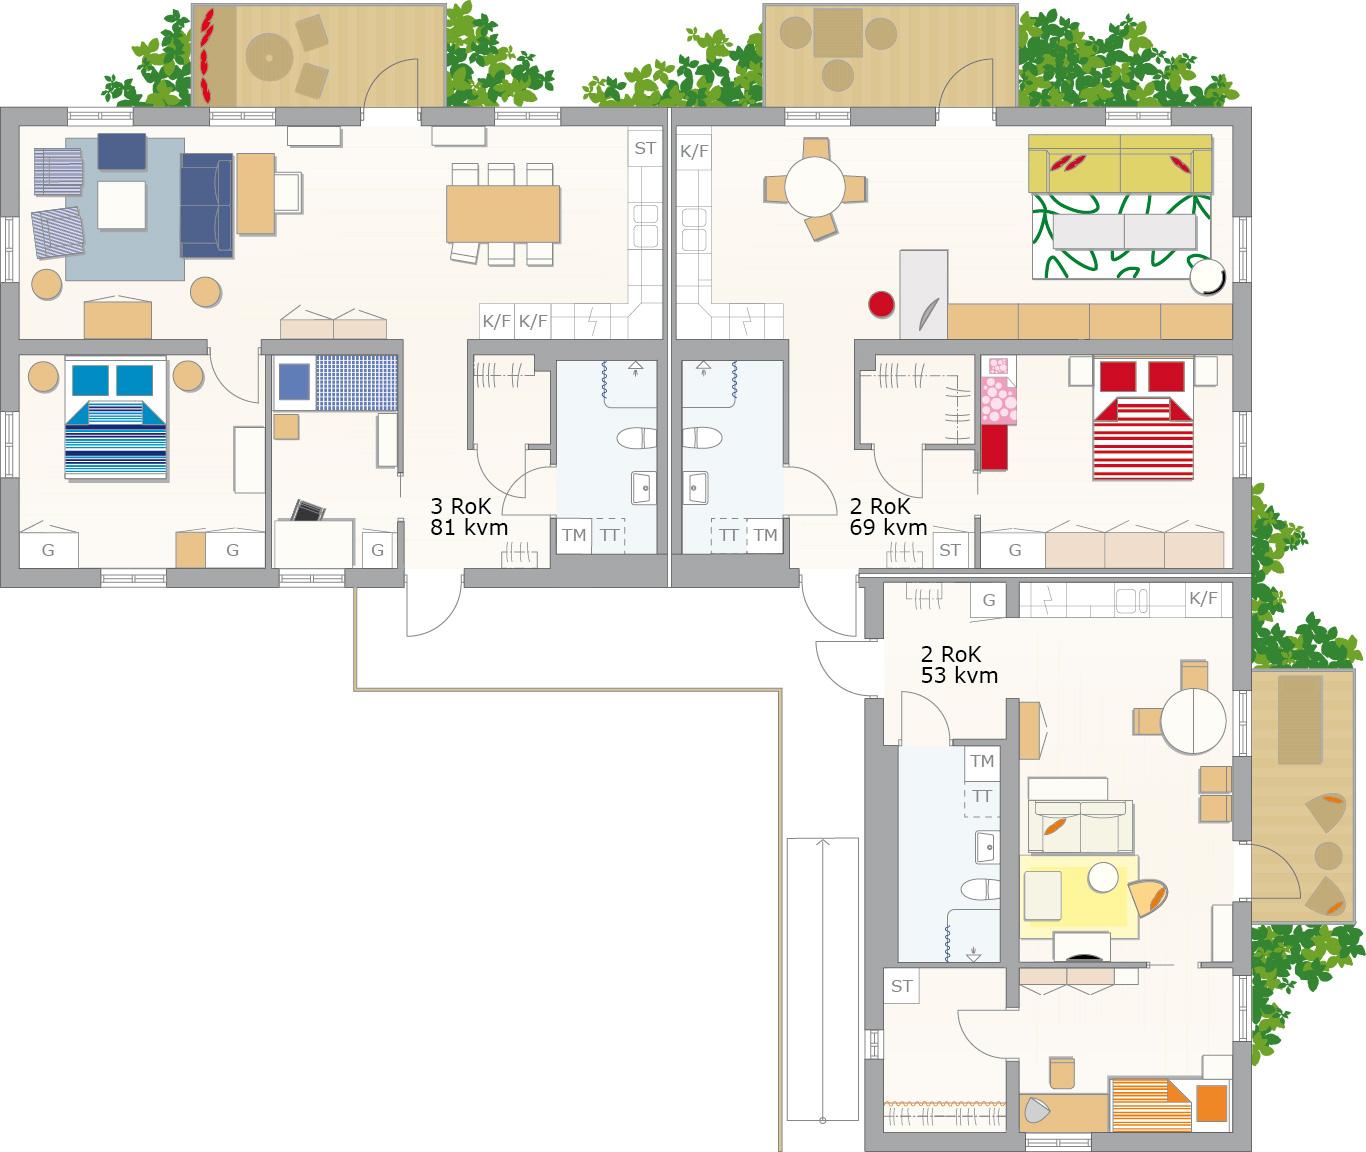 Boklok las casas modulares de ikea el blog de la urbana for Plantas de viviendas